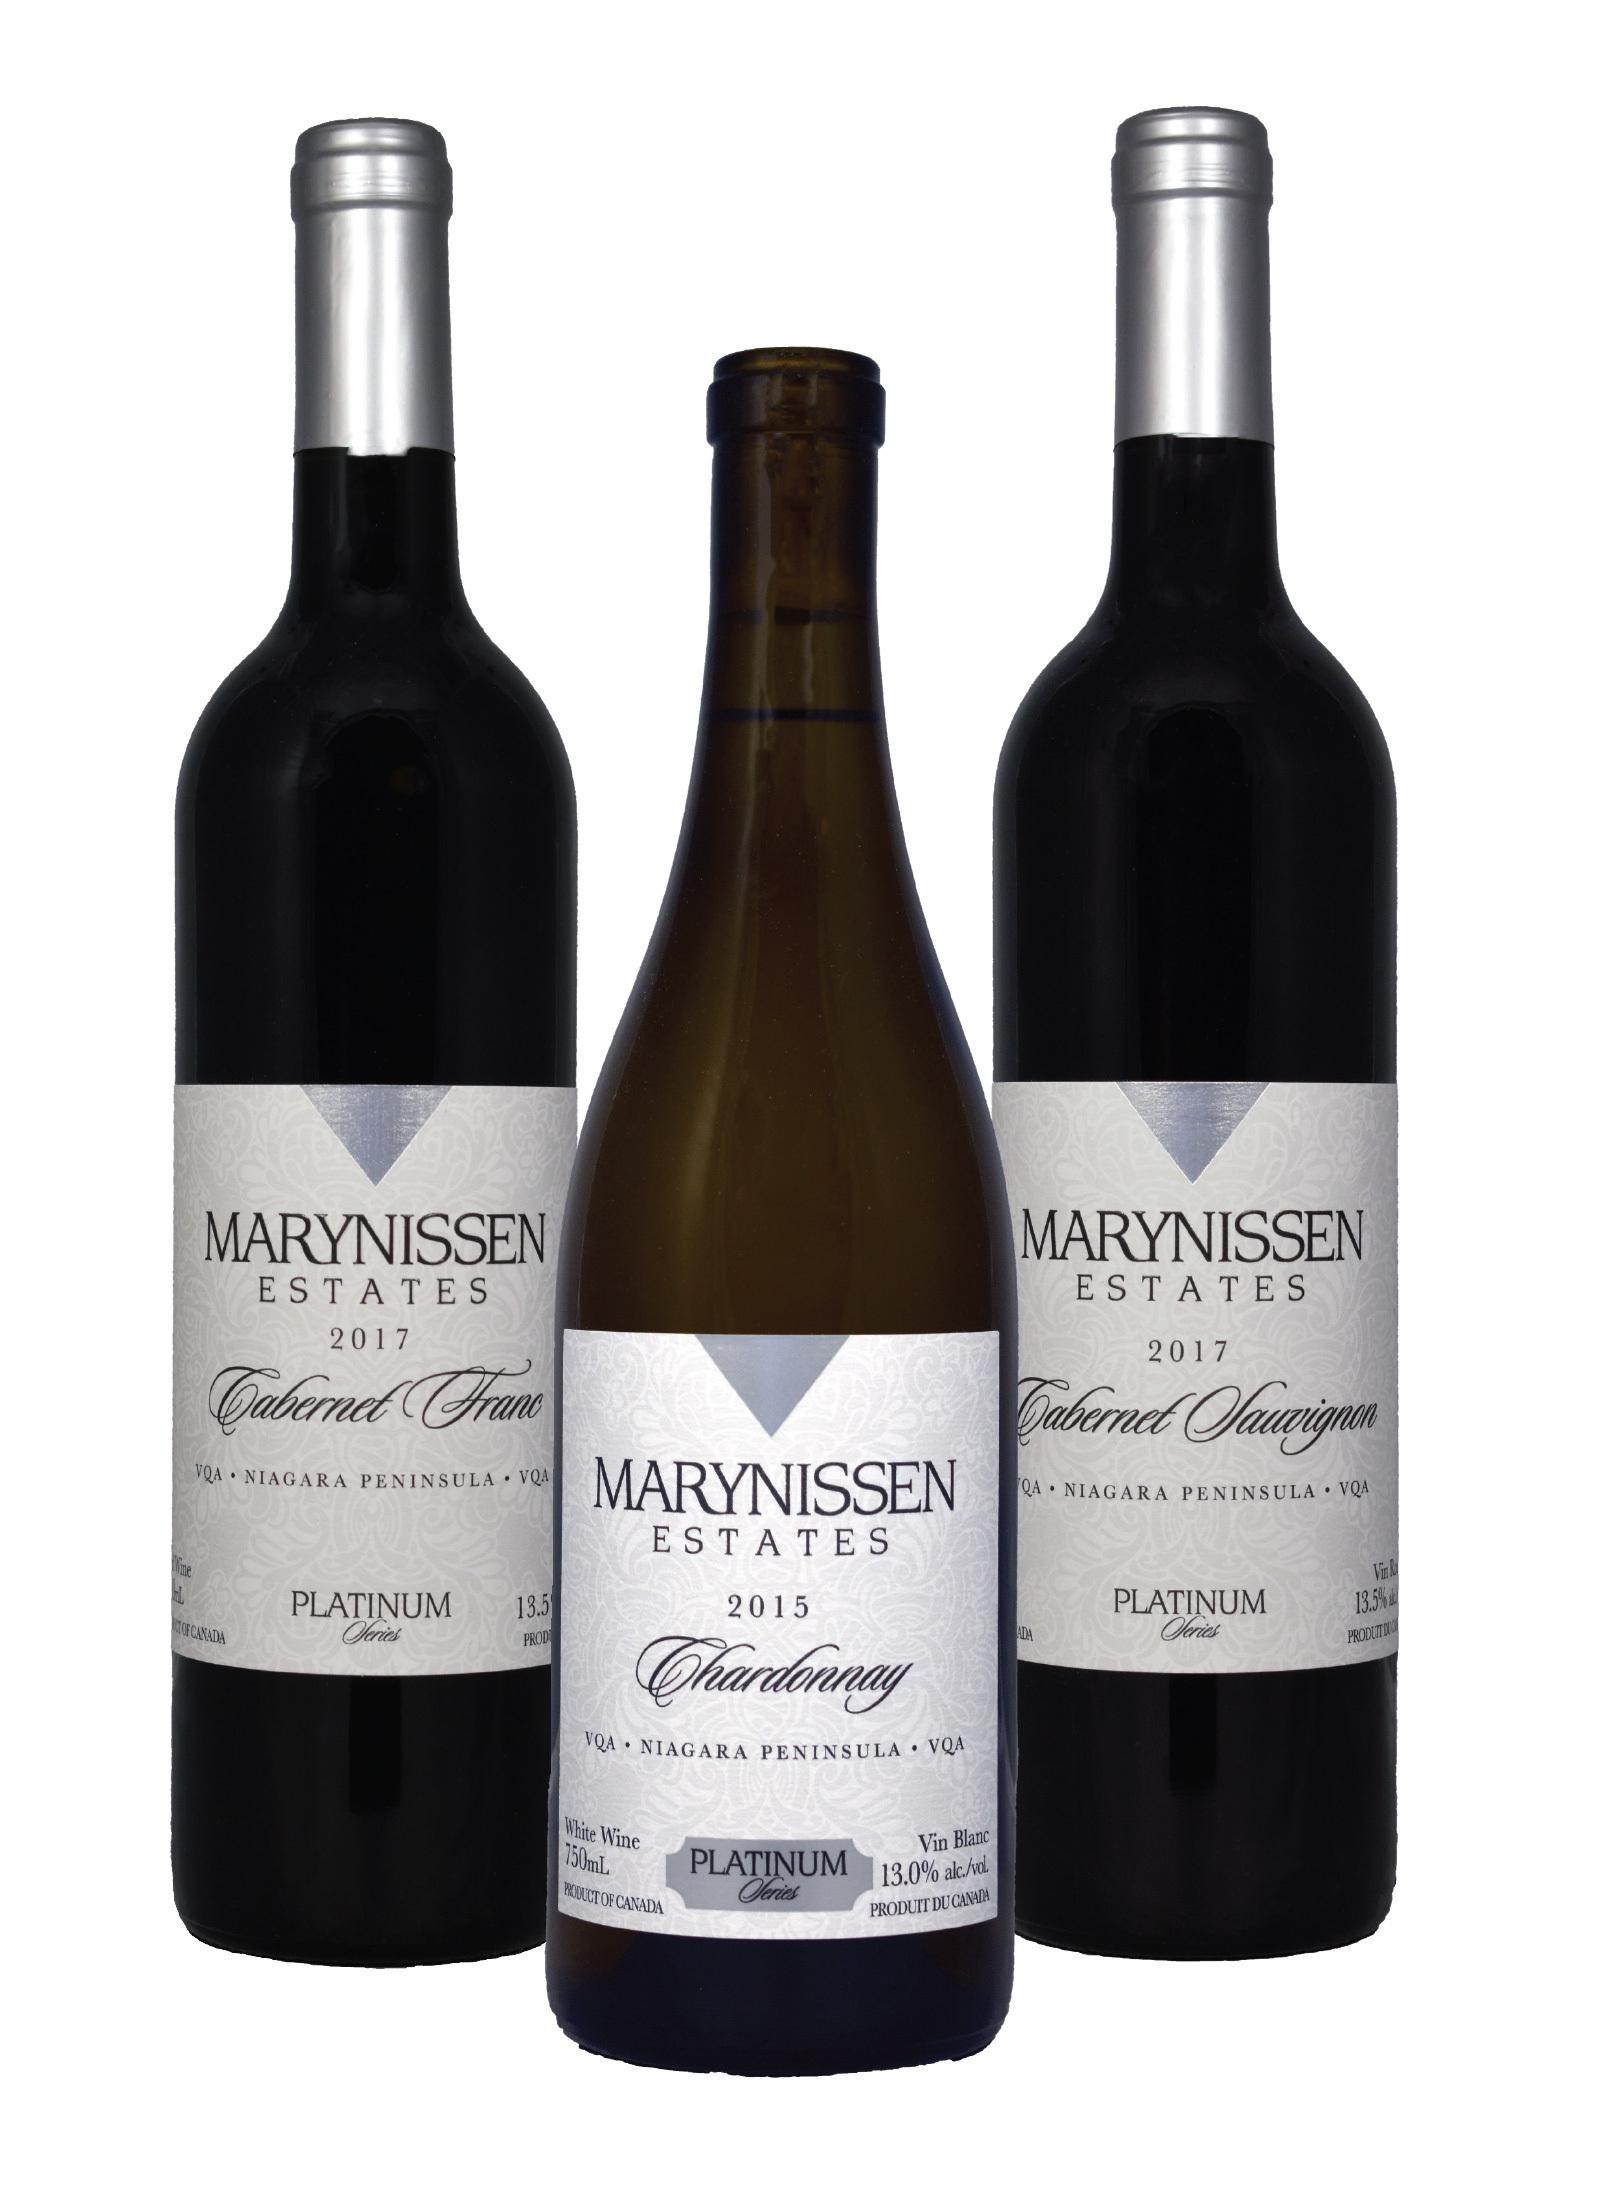 Three bottles of wine from Marynissen Estates.